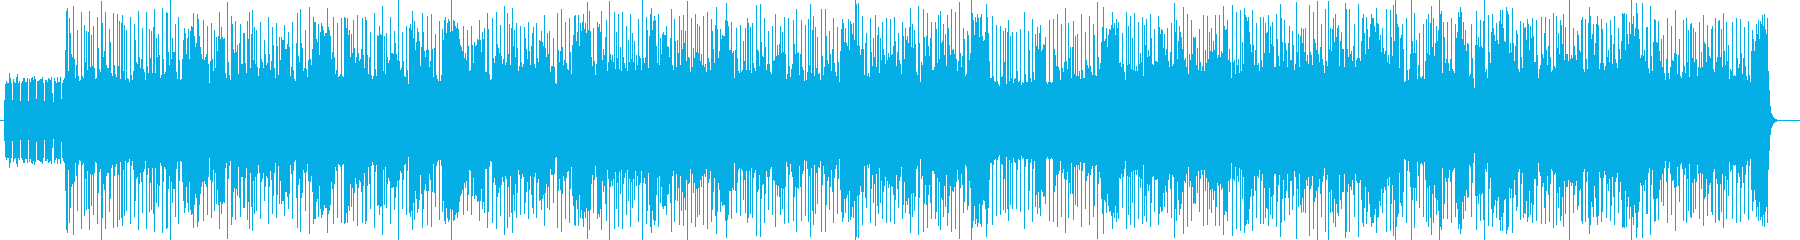 明るくリズミカルなポップスの再生済みの波形